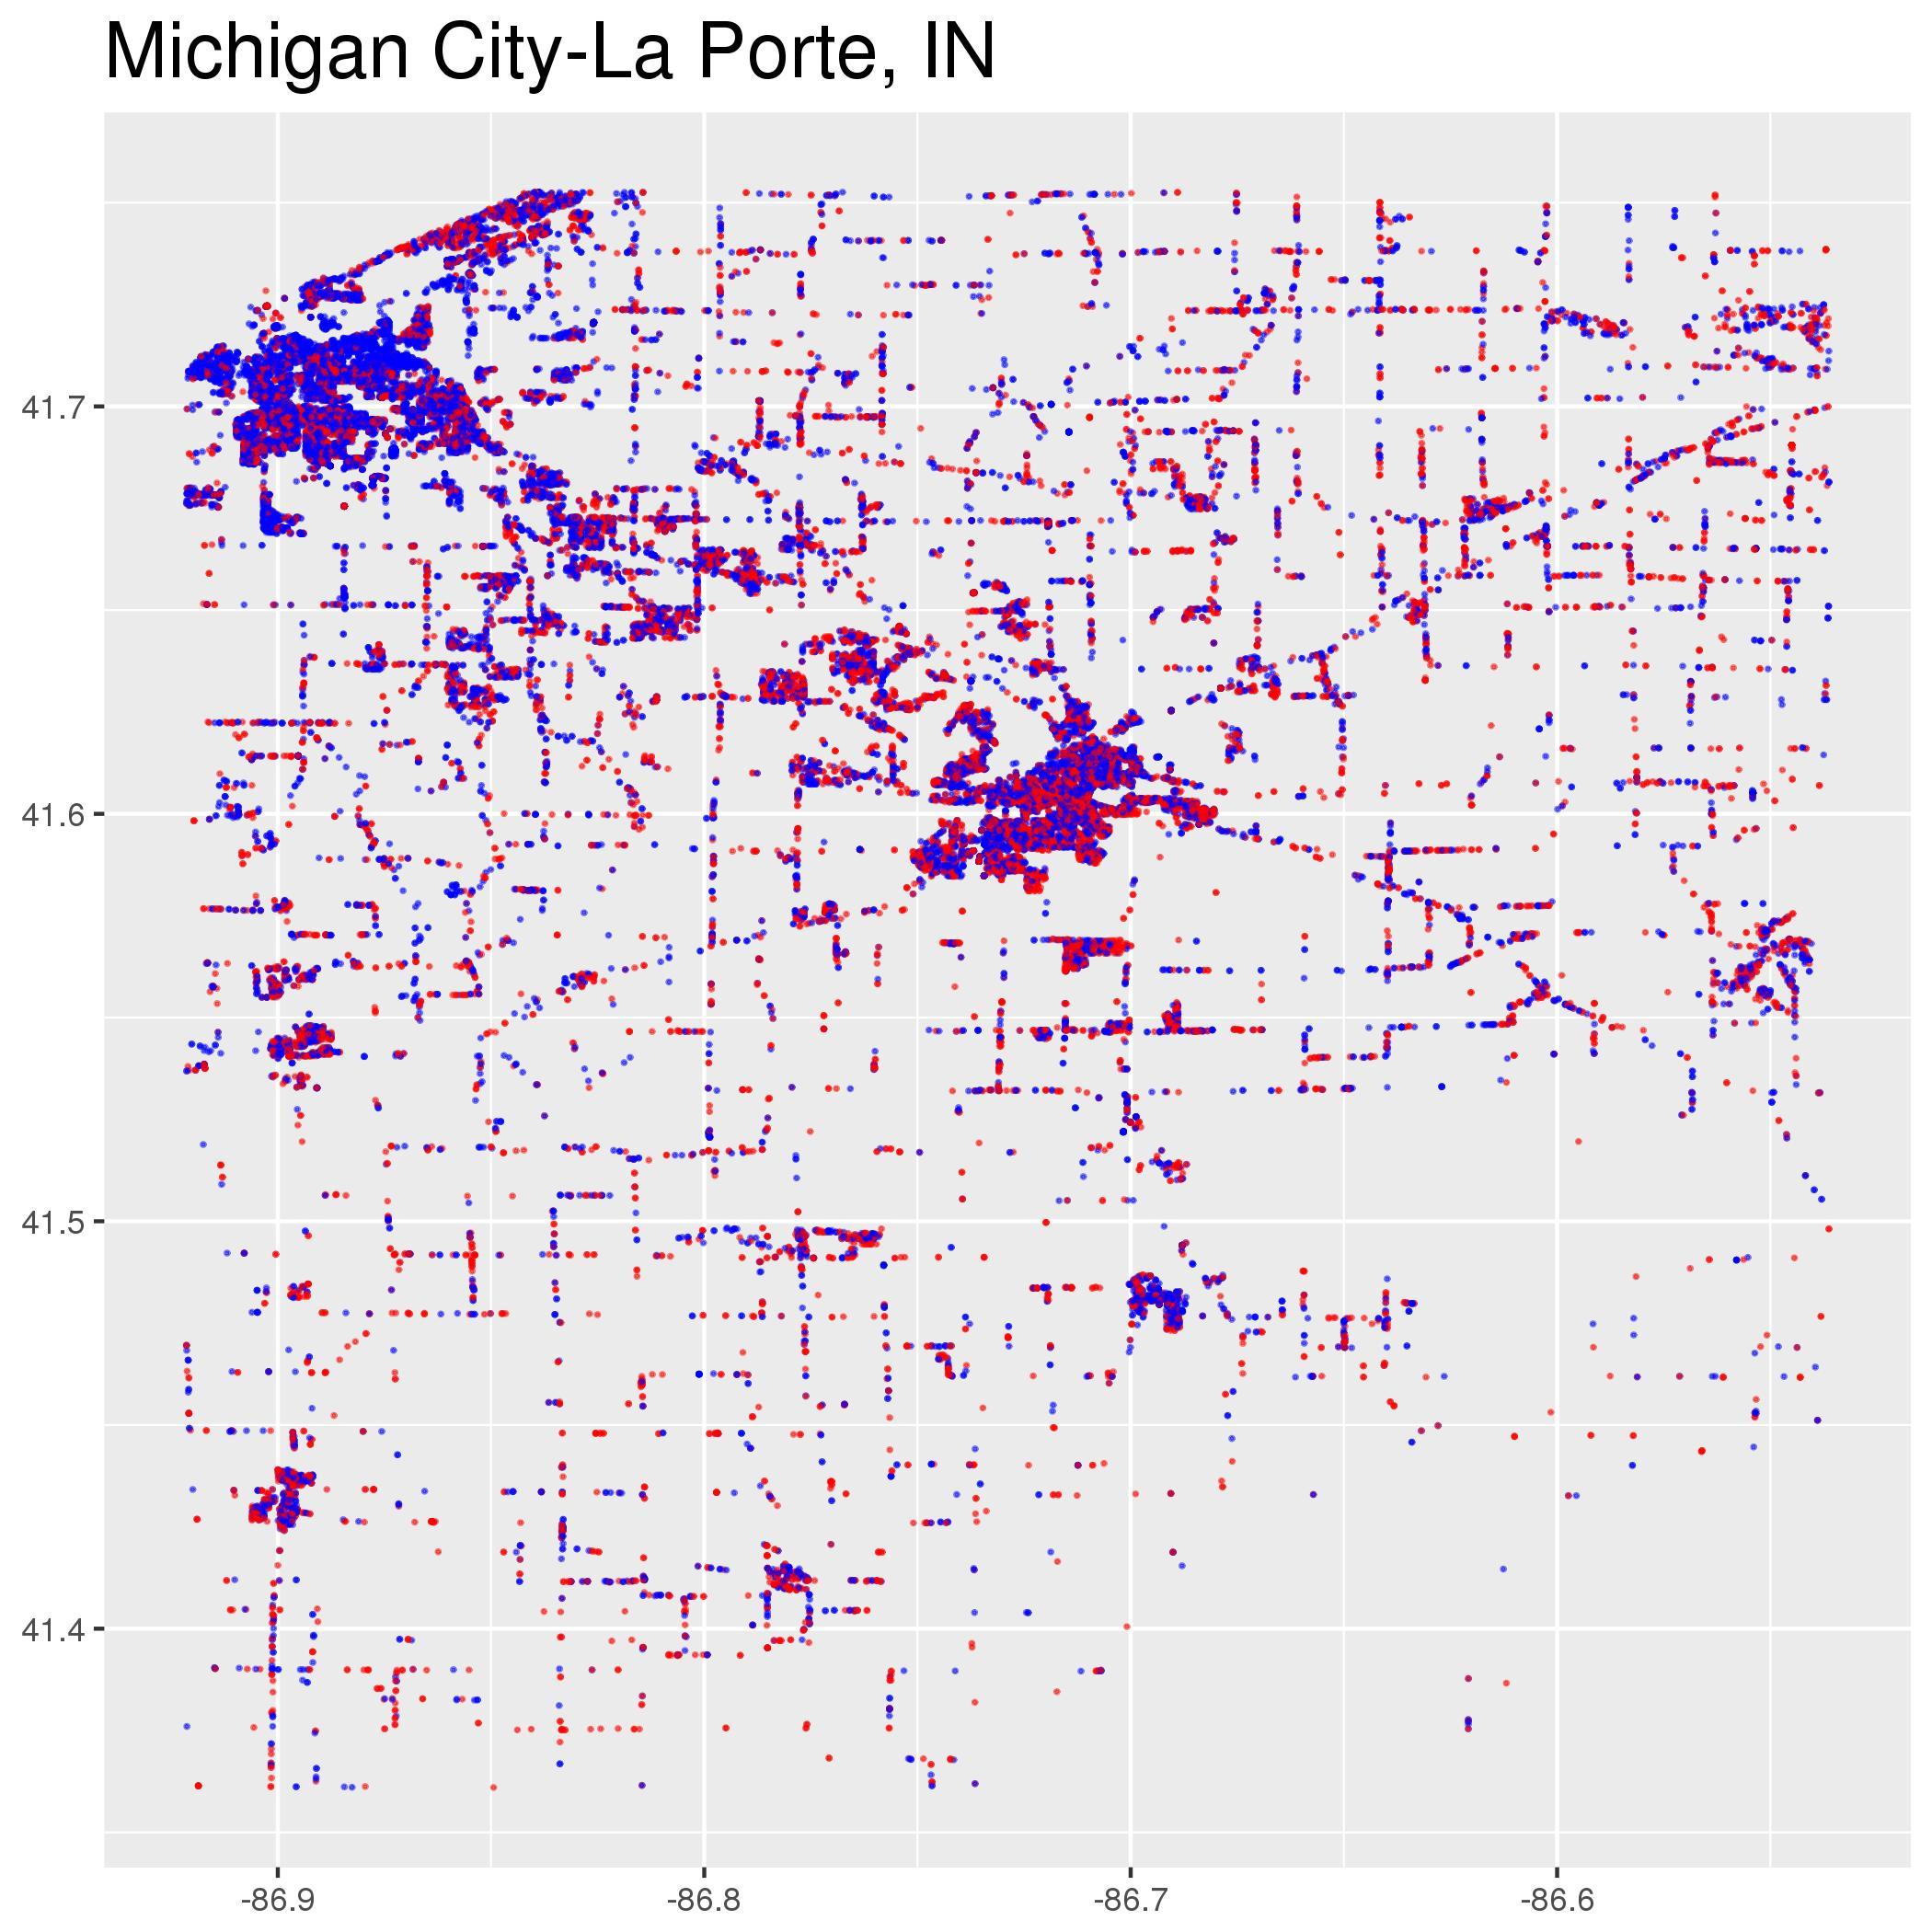 MichiganCity-LaPorteIN.jpeg